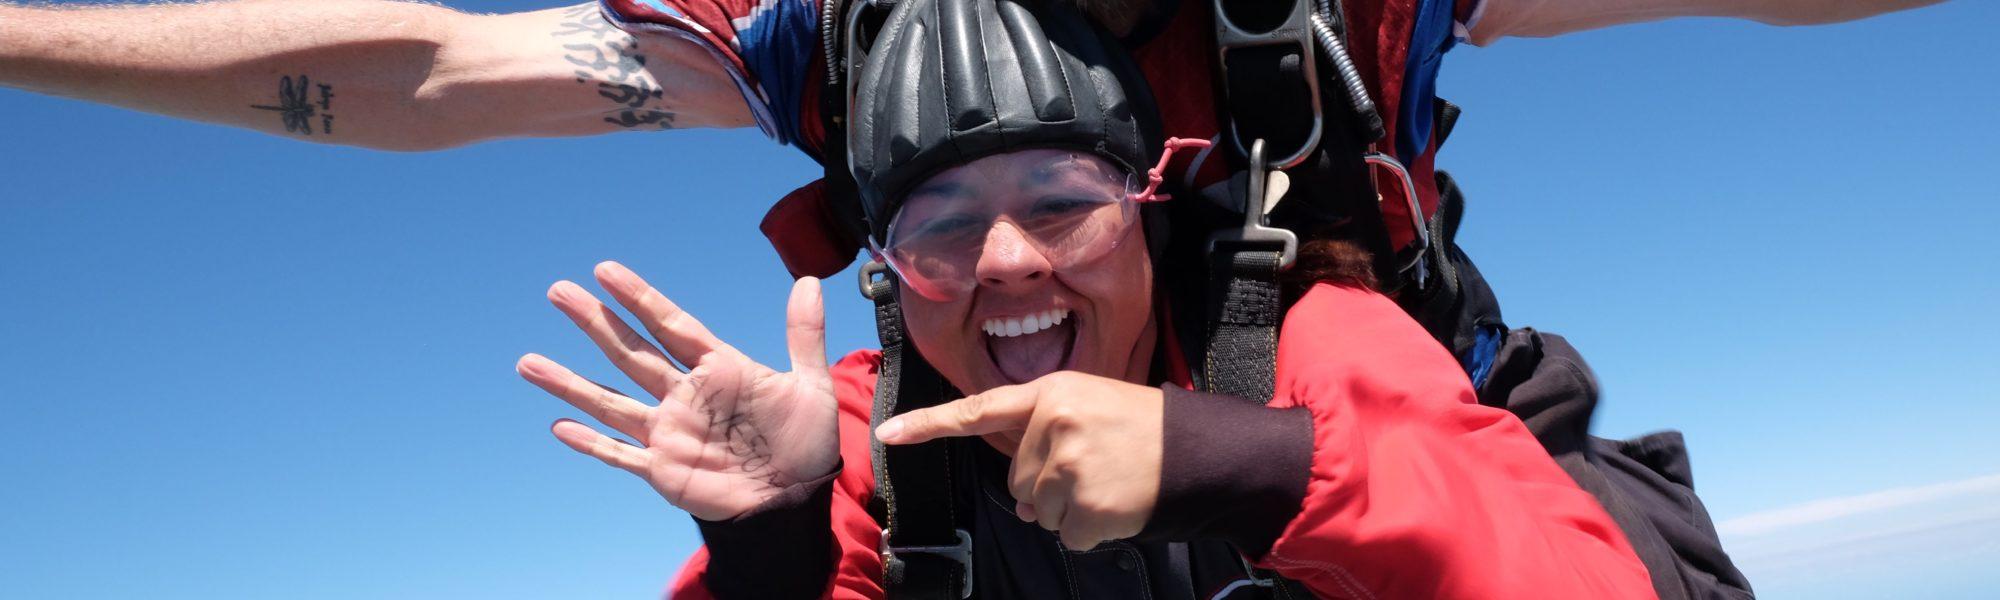 bachelor bachelorette party idea skydiving skydive carolina